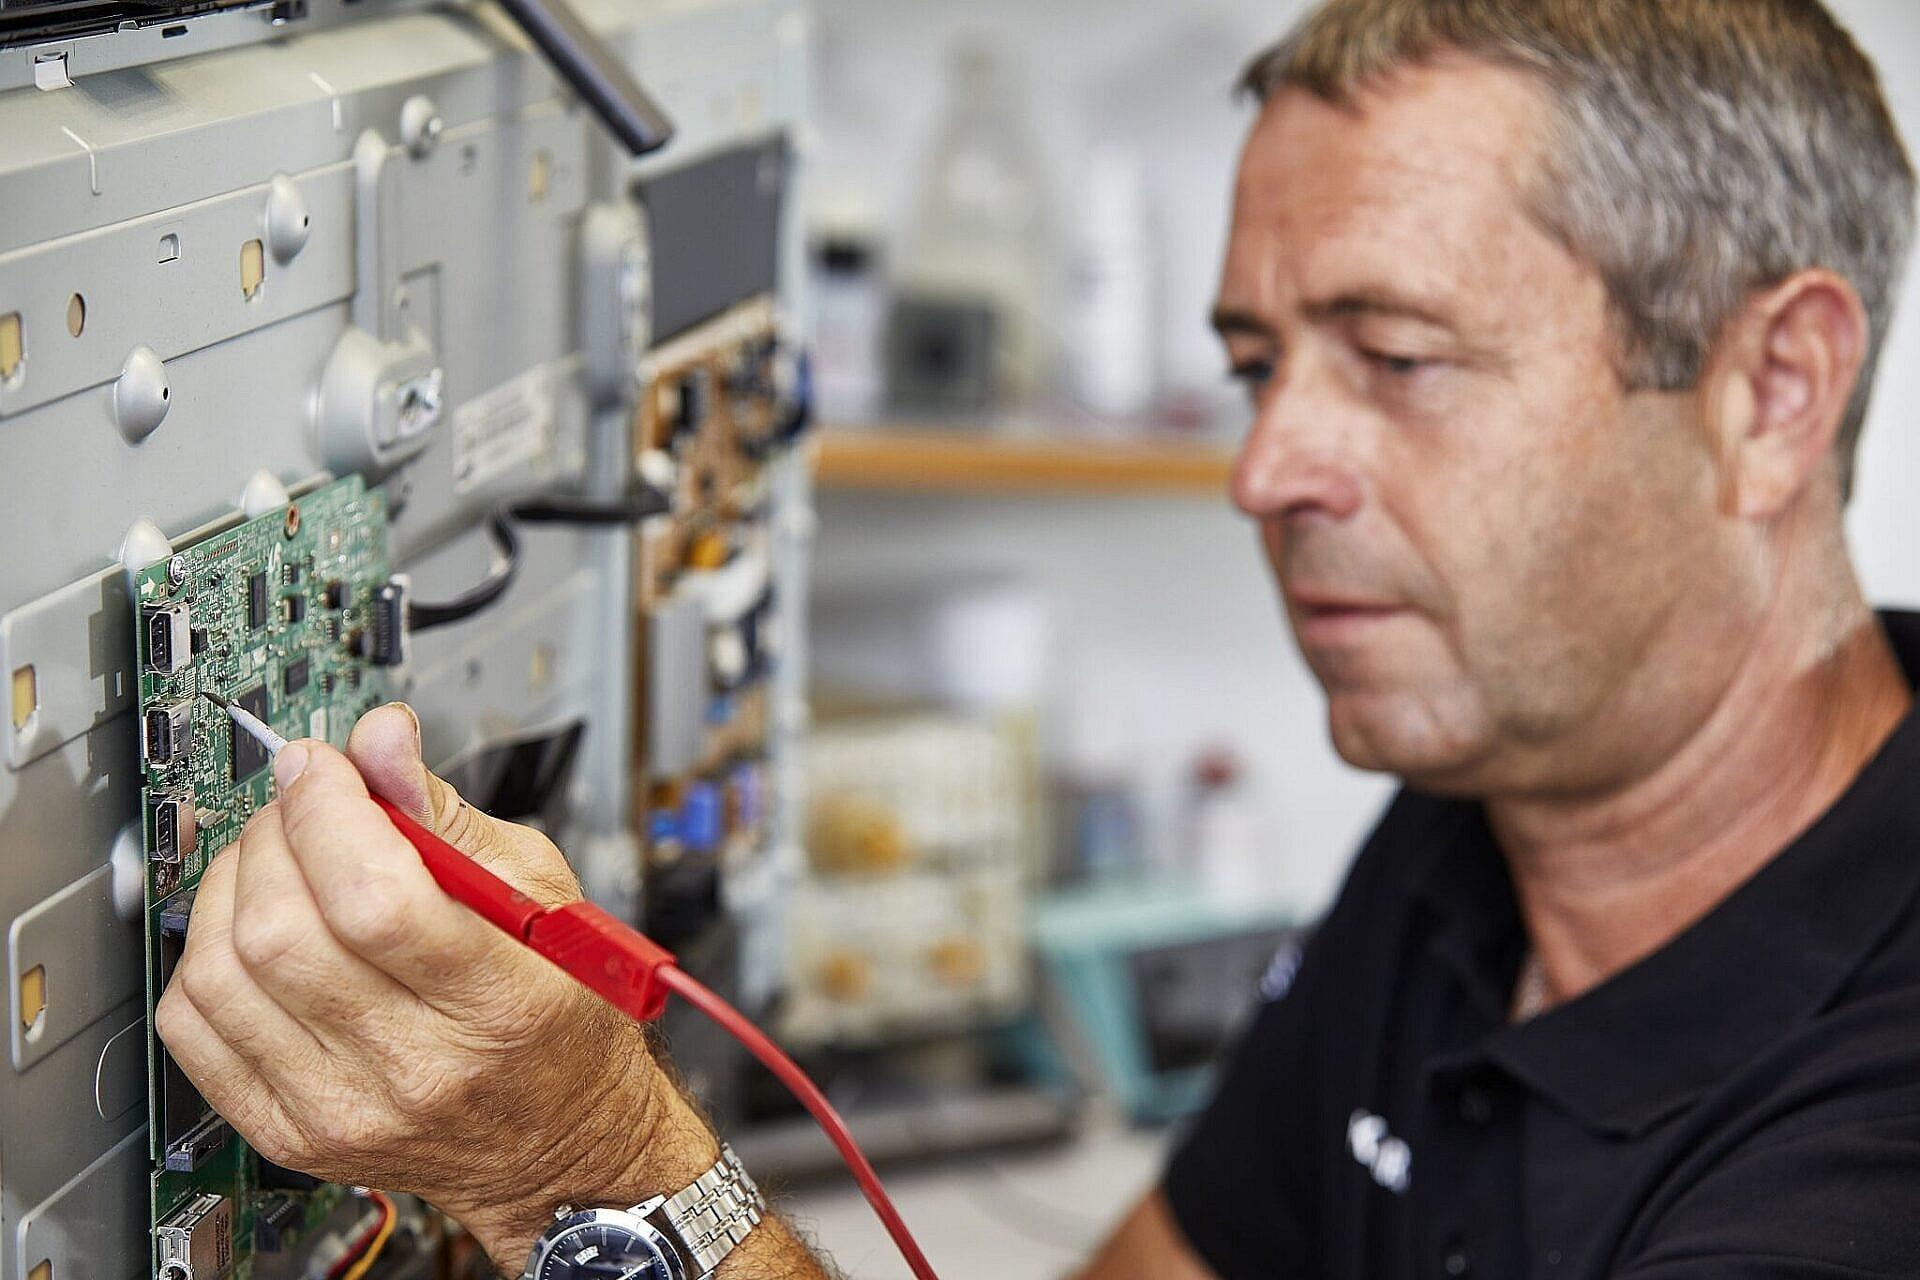 Elektriker i Vejle, Kolding og Egtved